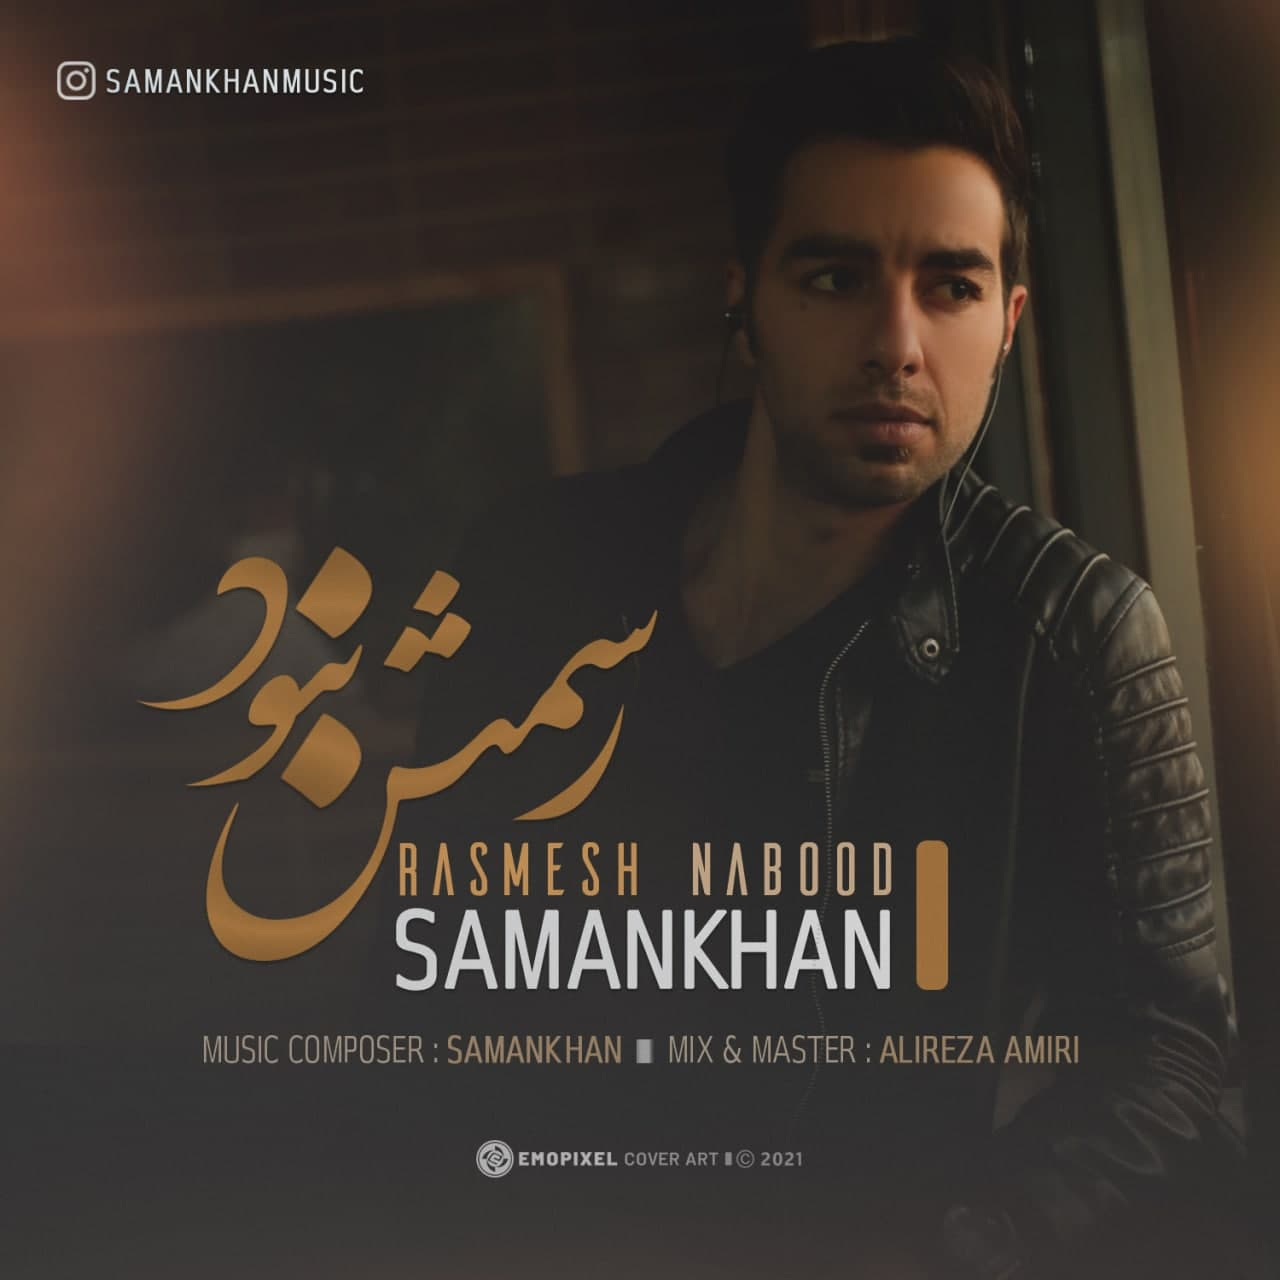 دانلود موزیک جدید سامان خان رسمش نبود